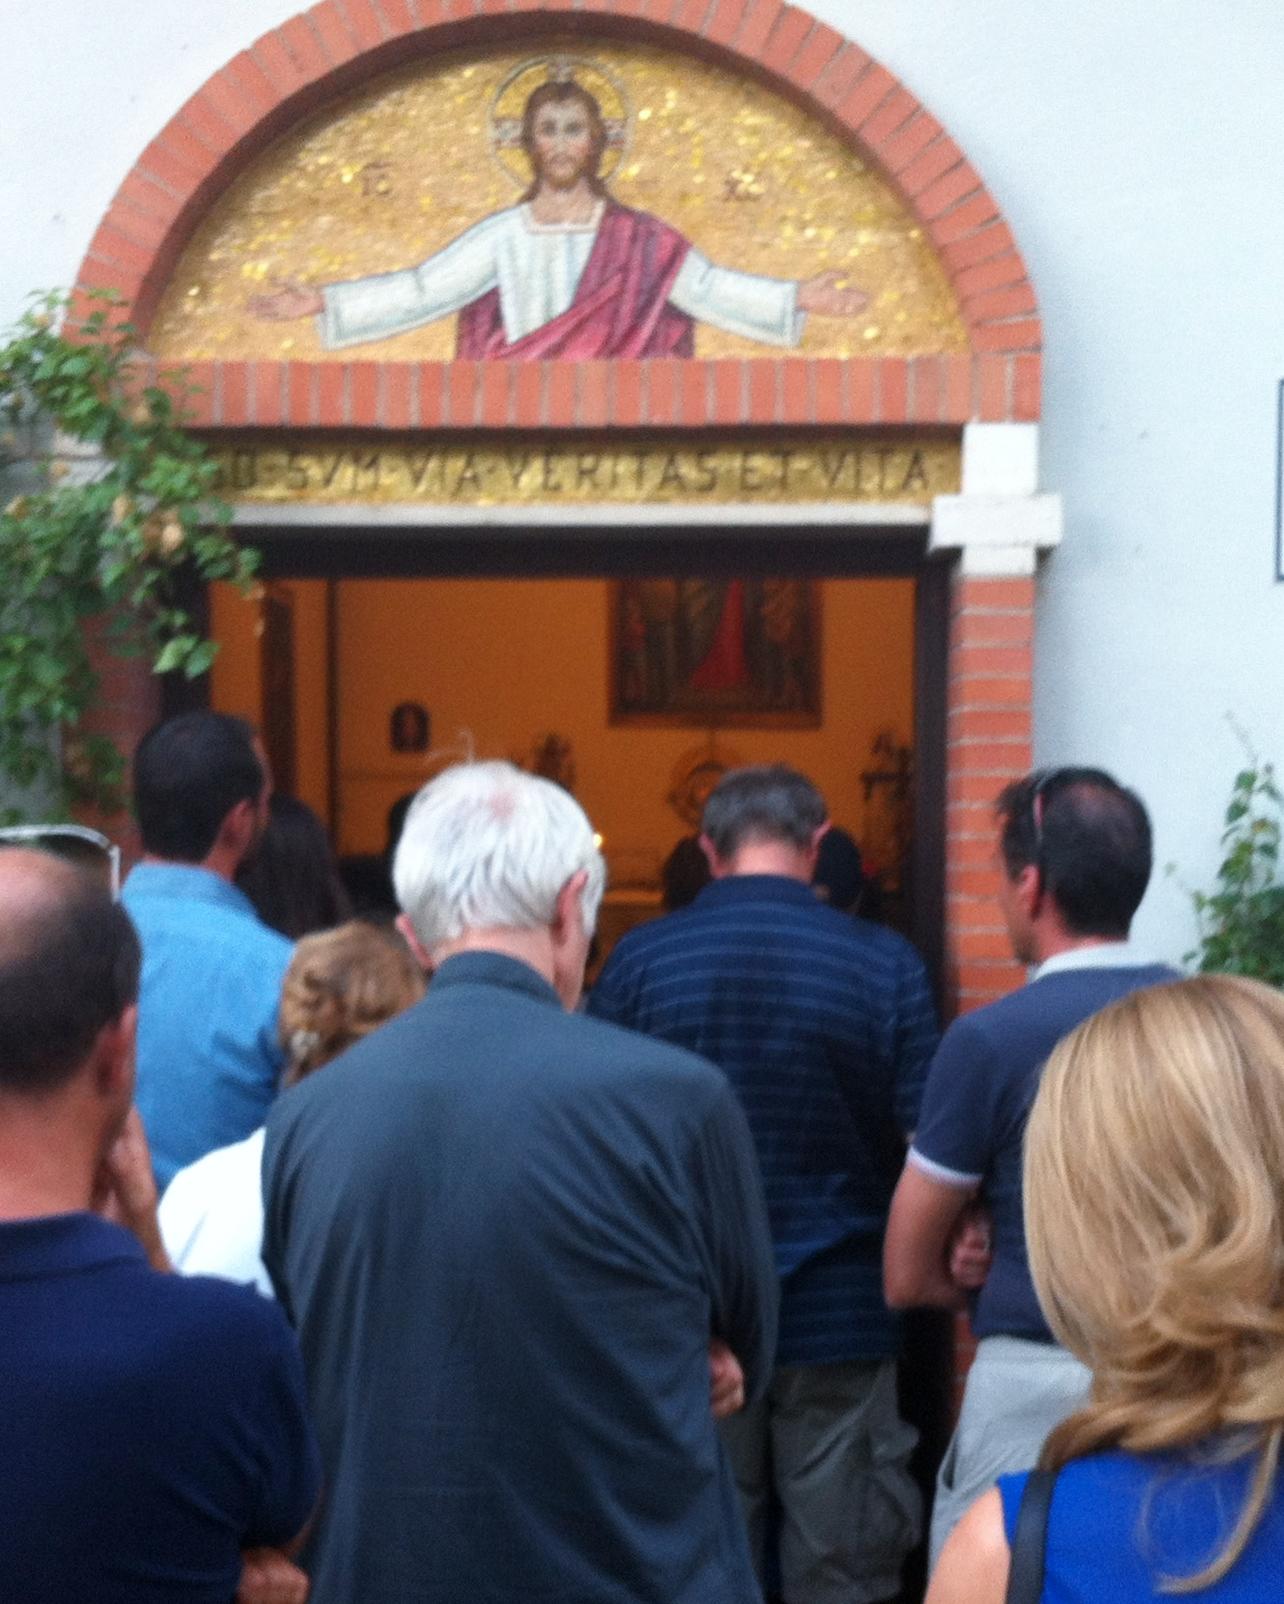 La madonnina di Trevignano tra scettici e credenti